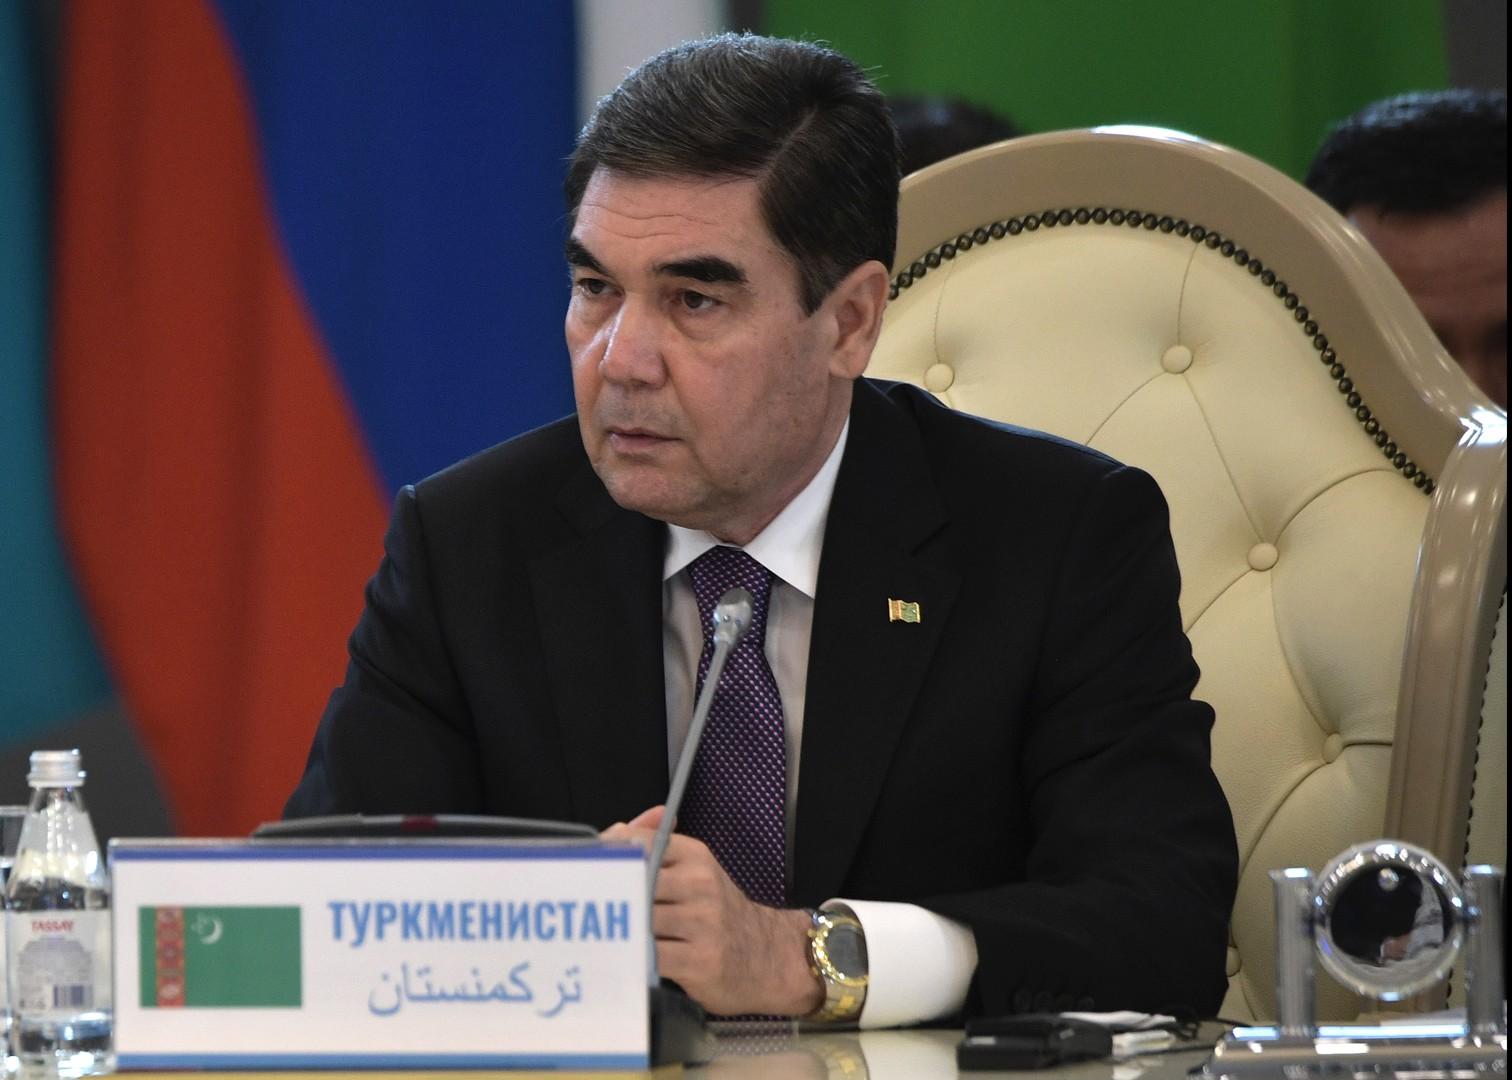 رئيس تركمانستان، قربان قولي بيردي محمدوف